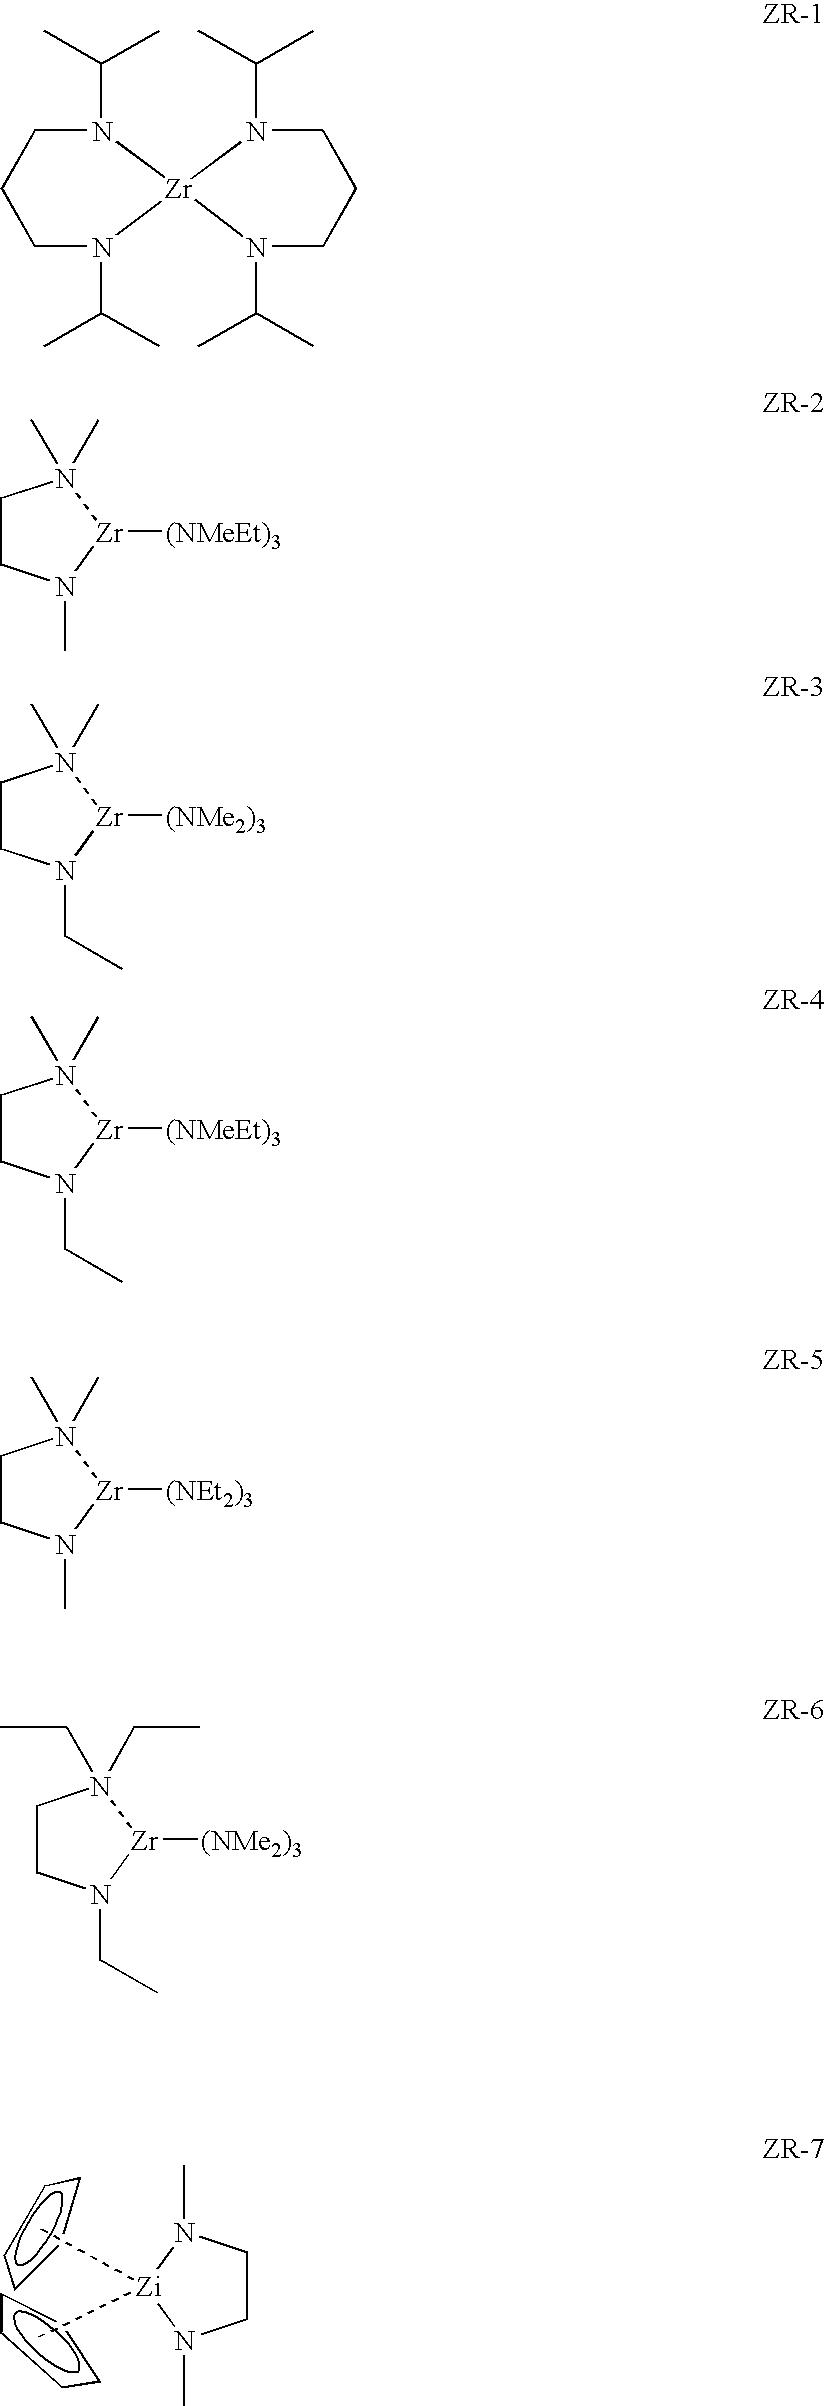 Figure US20100112211A1-20100506-C00018